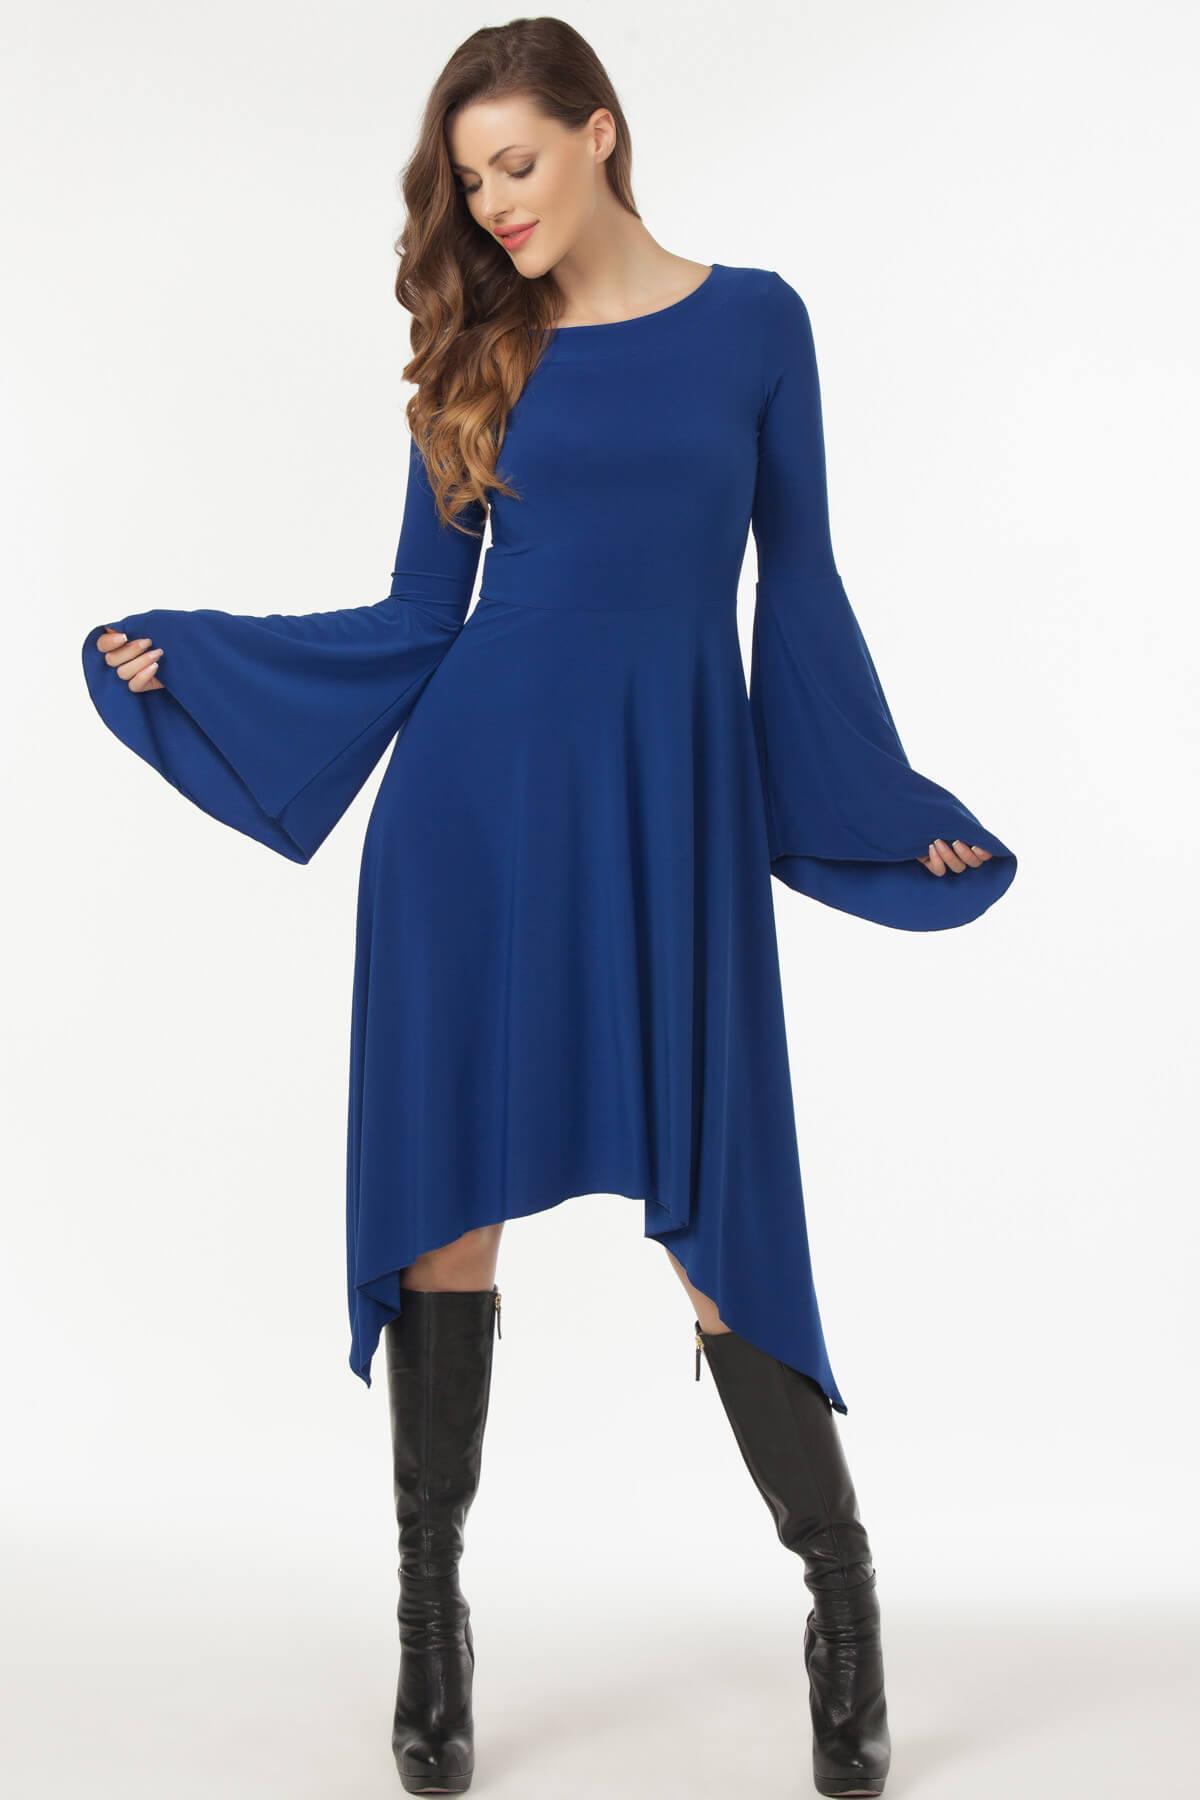 Laranor Kadın Saks Asimetrik Kesim Elbise 19L6477 2